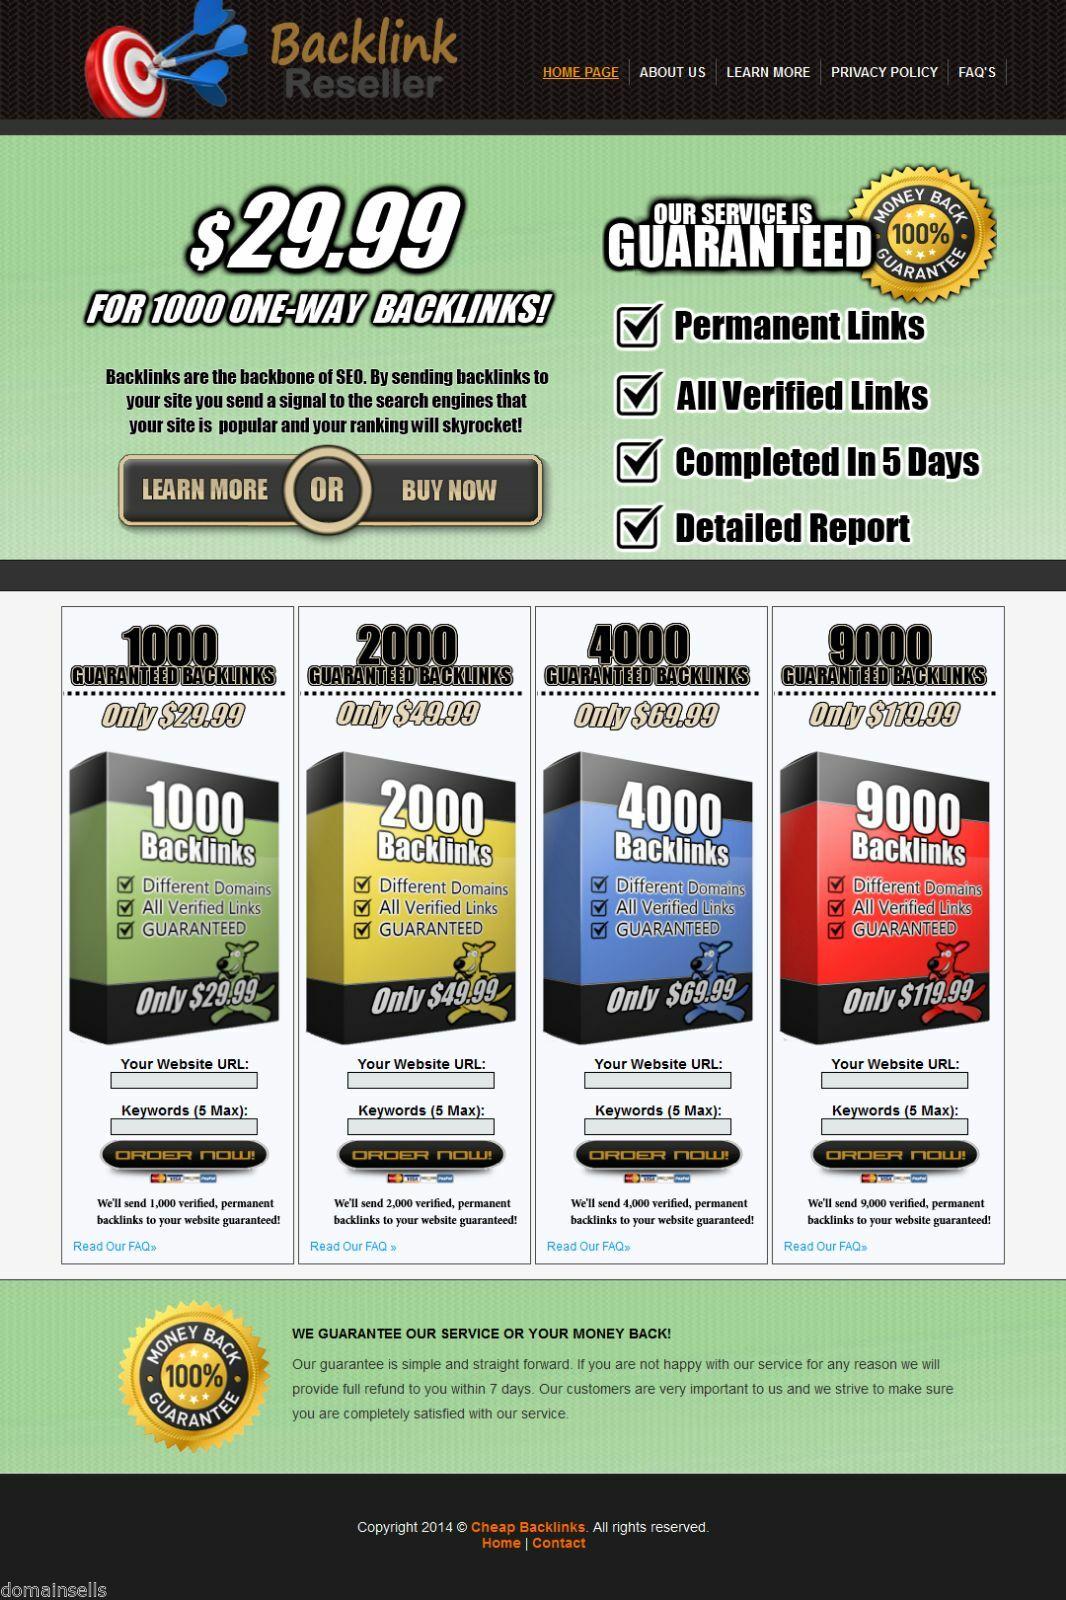 $ Backlink Reseller Website Outsourced Turnkey Online Business Selling Backlinks